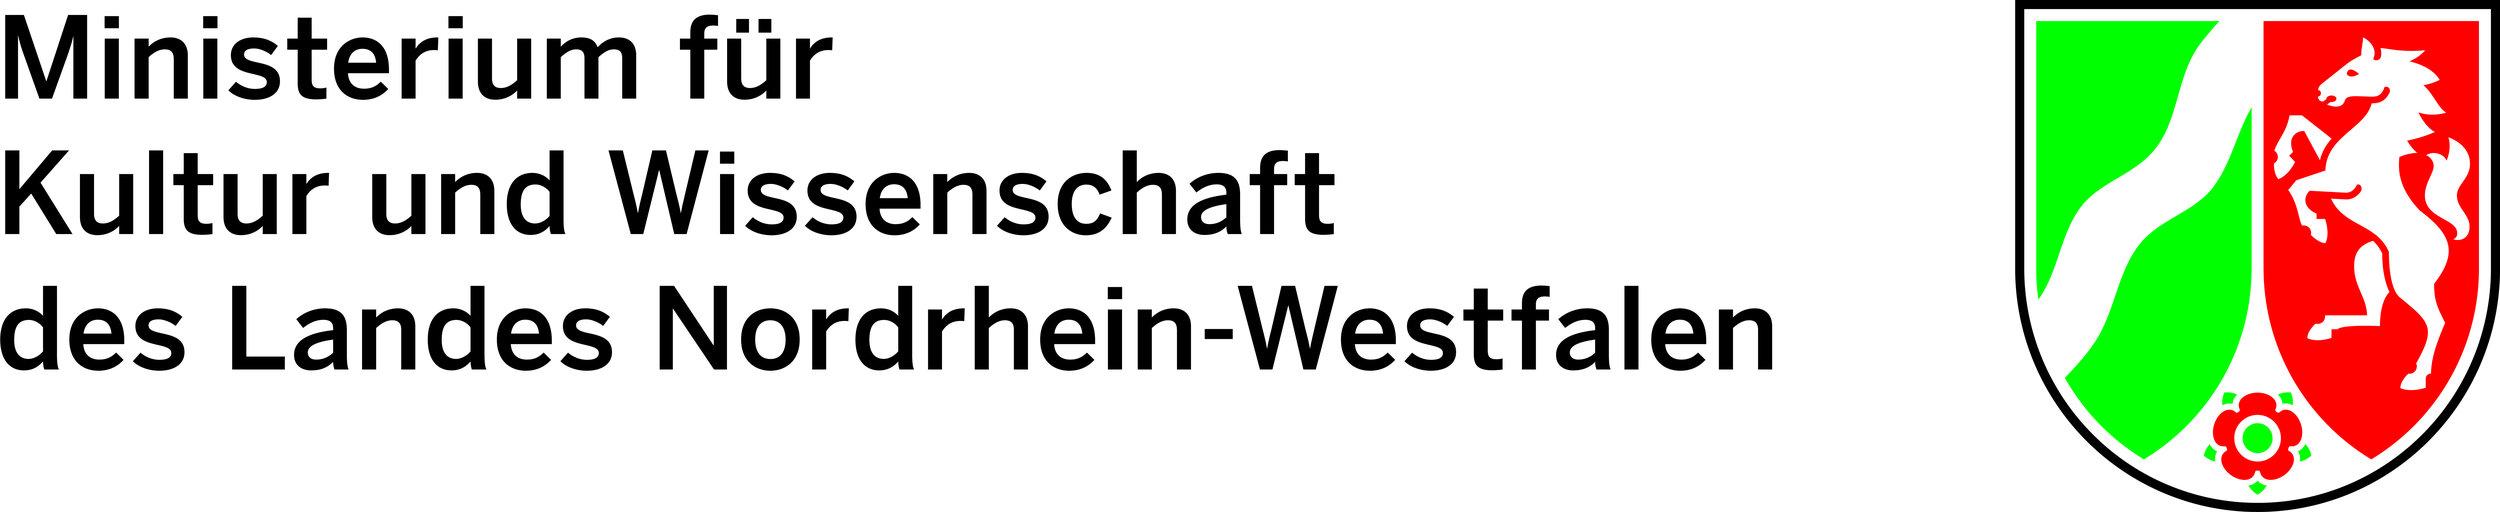 AK_Kultur_und_Wissenschaft_Farbig_CMYK.jpg